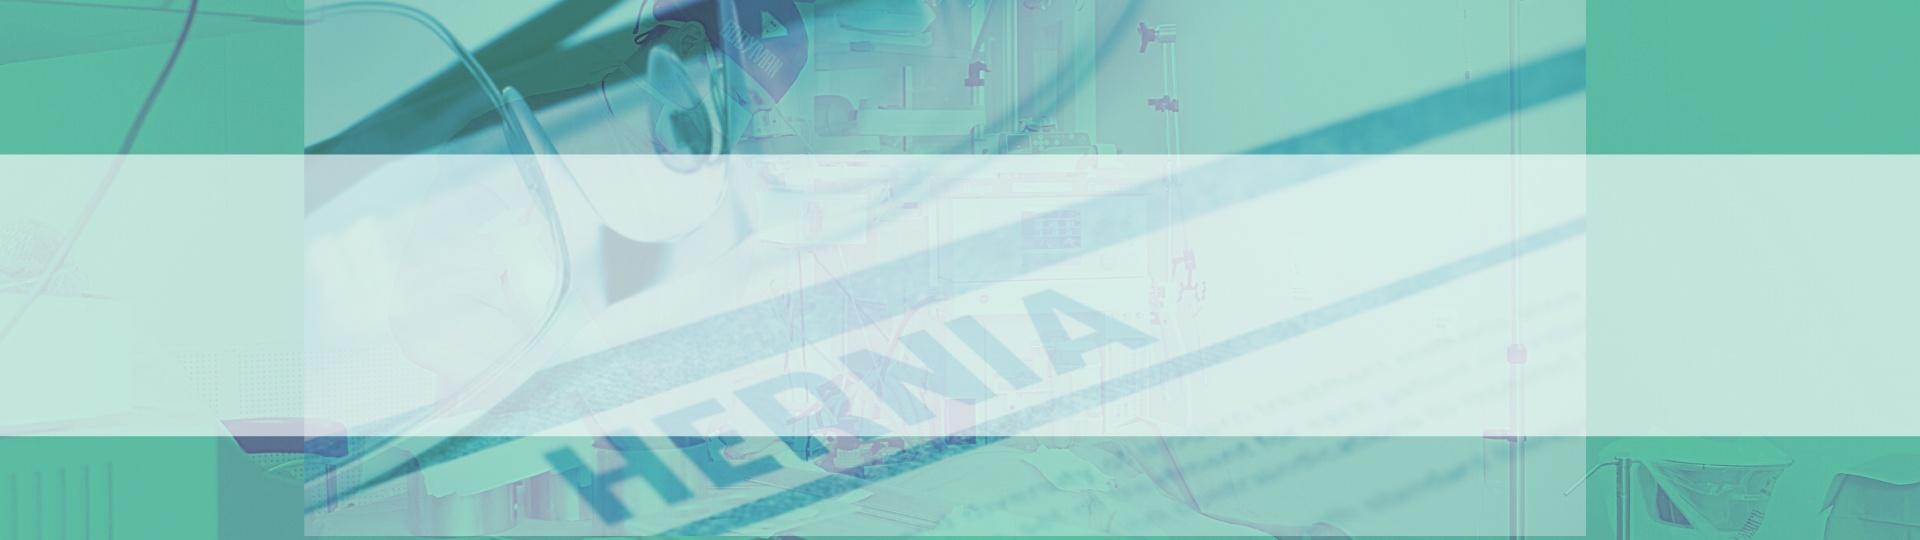 Hernia Banner